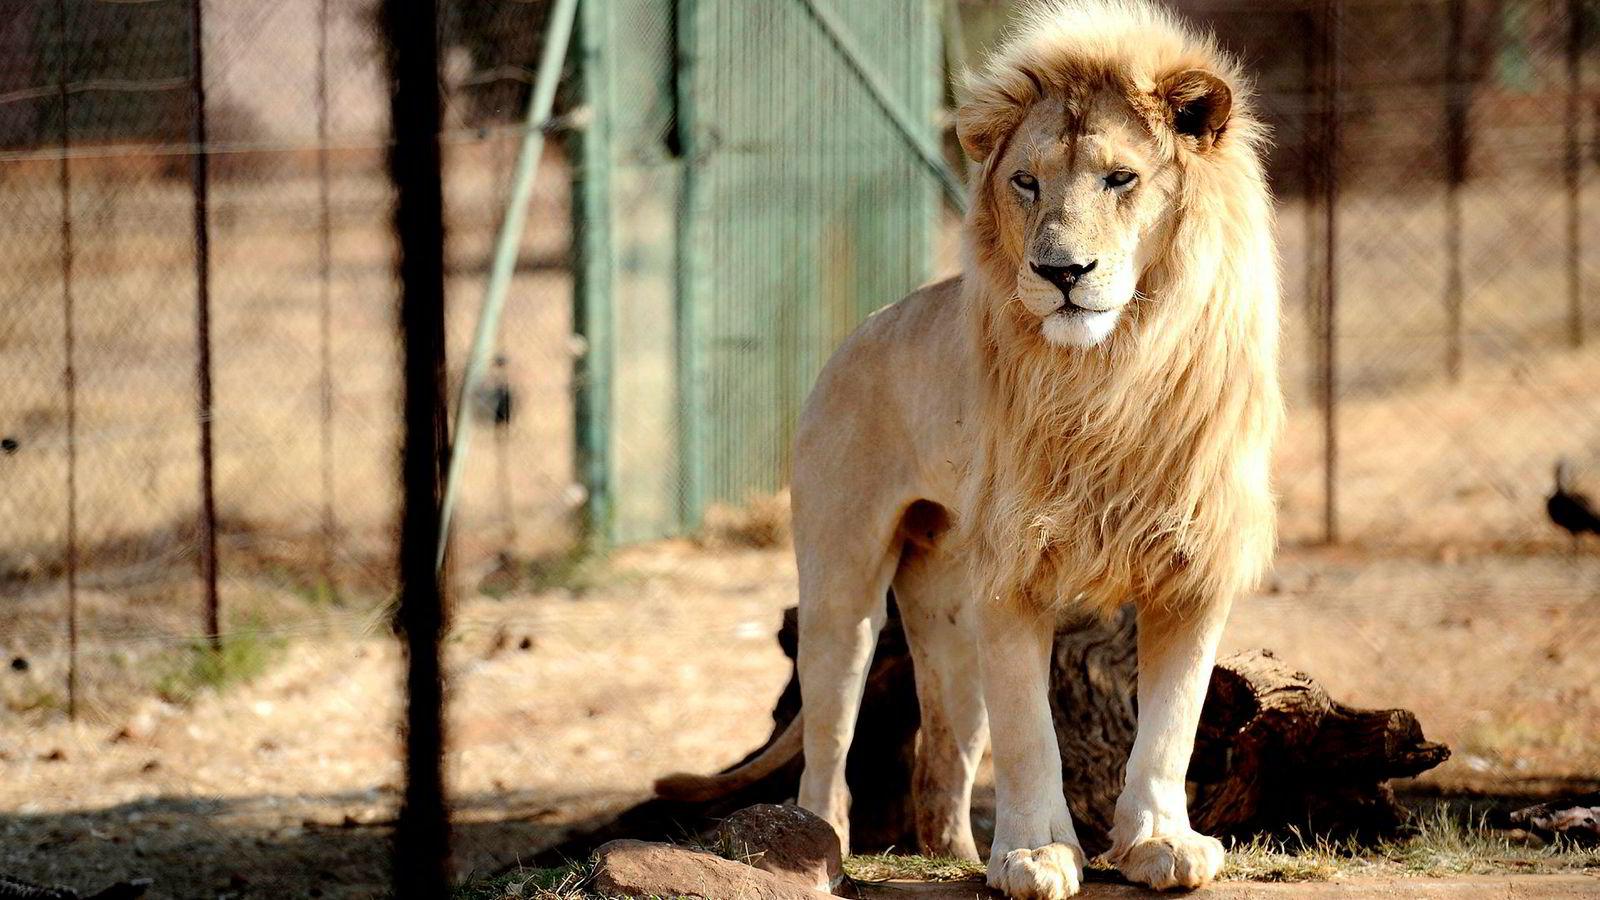 Løver har status som sårbare hos IUCN, den internasjonale naturvernorganisasjonen. Dette skyldes imidlertid ikke troféjakt, men habitattap.